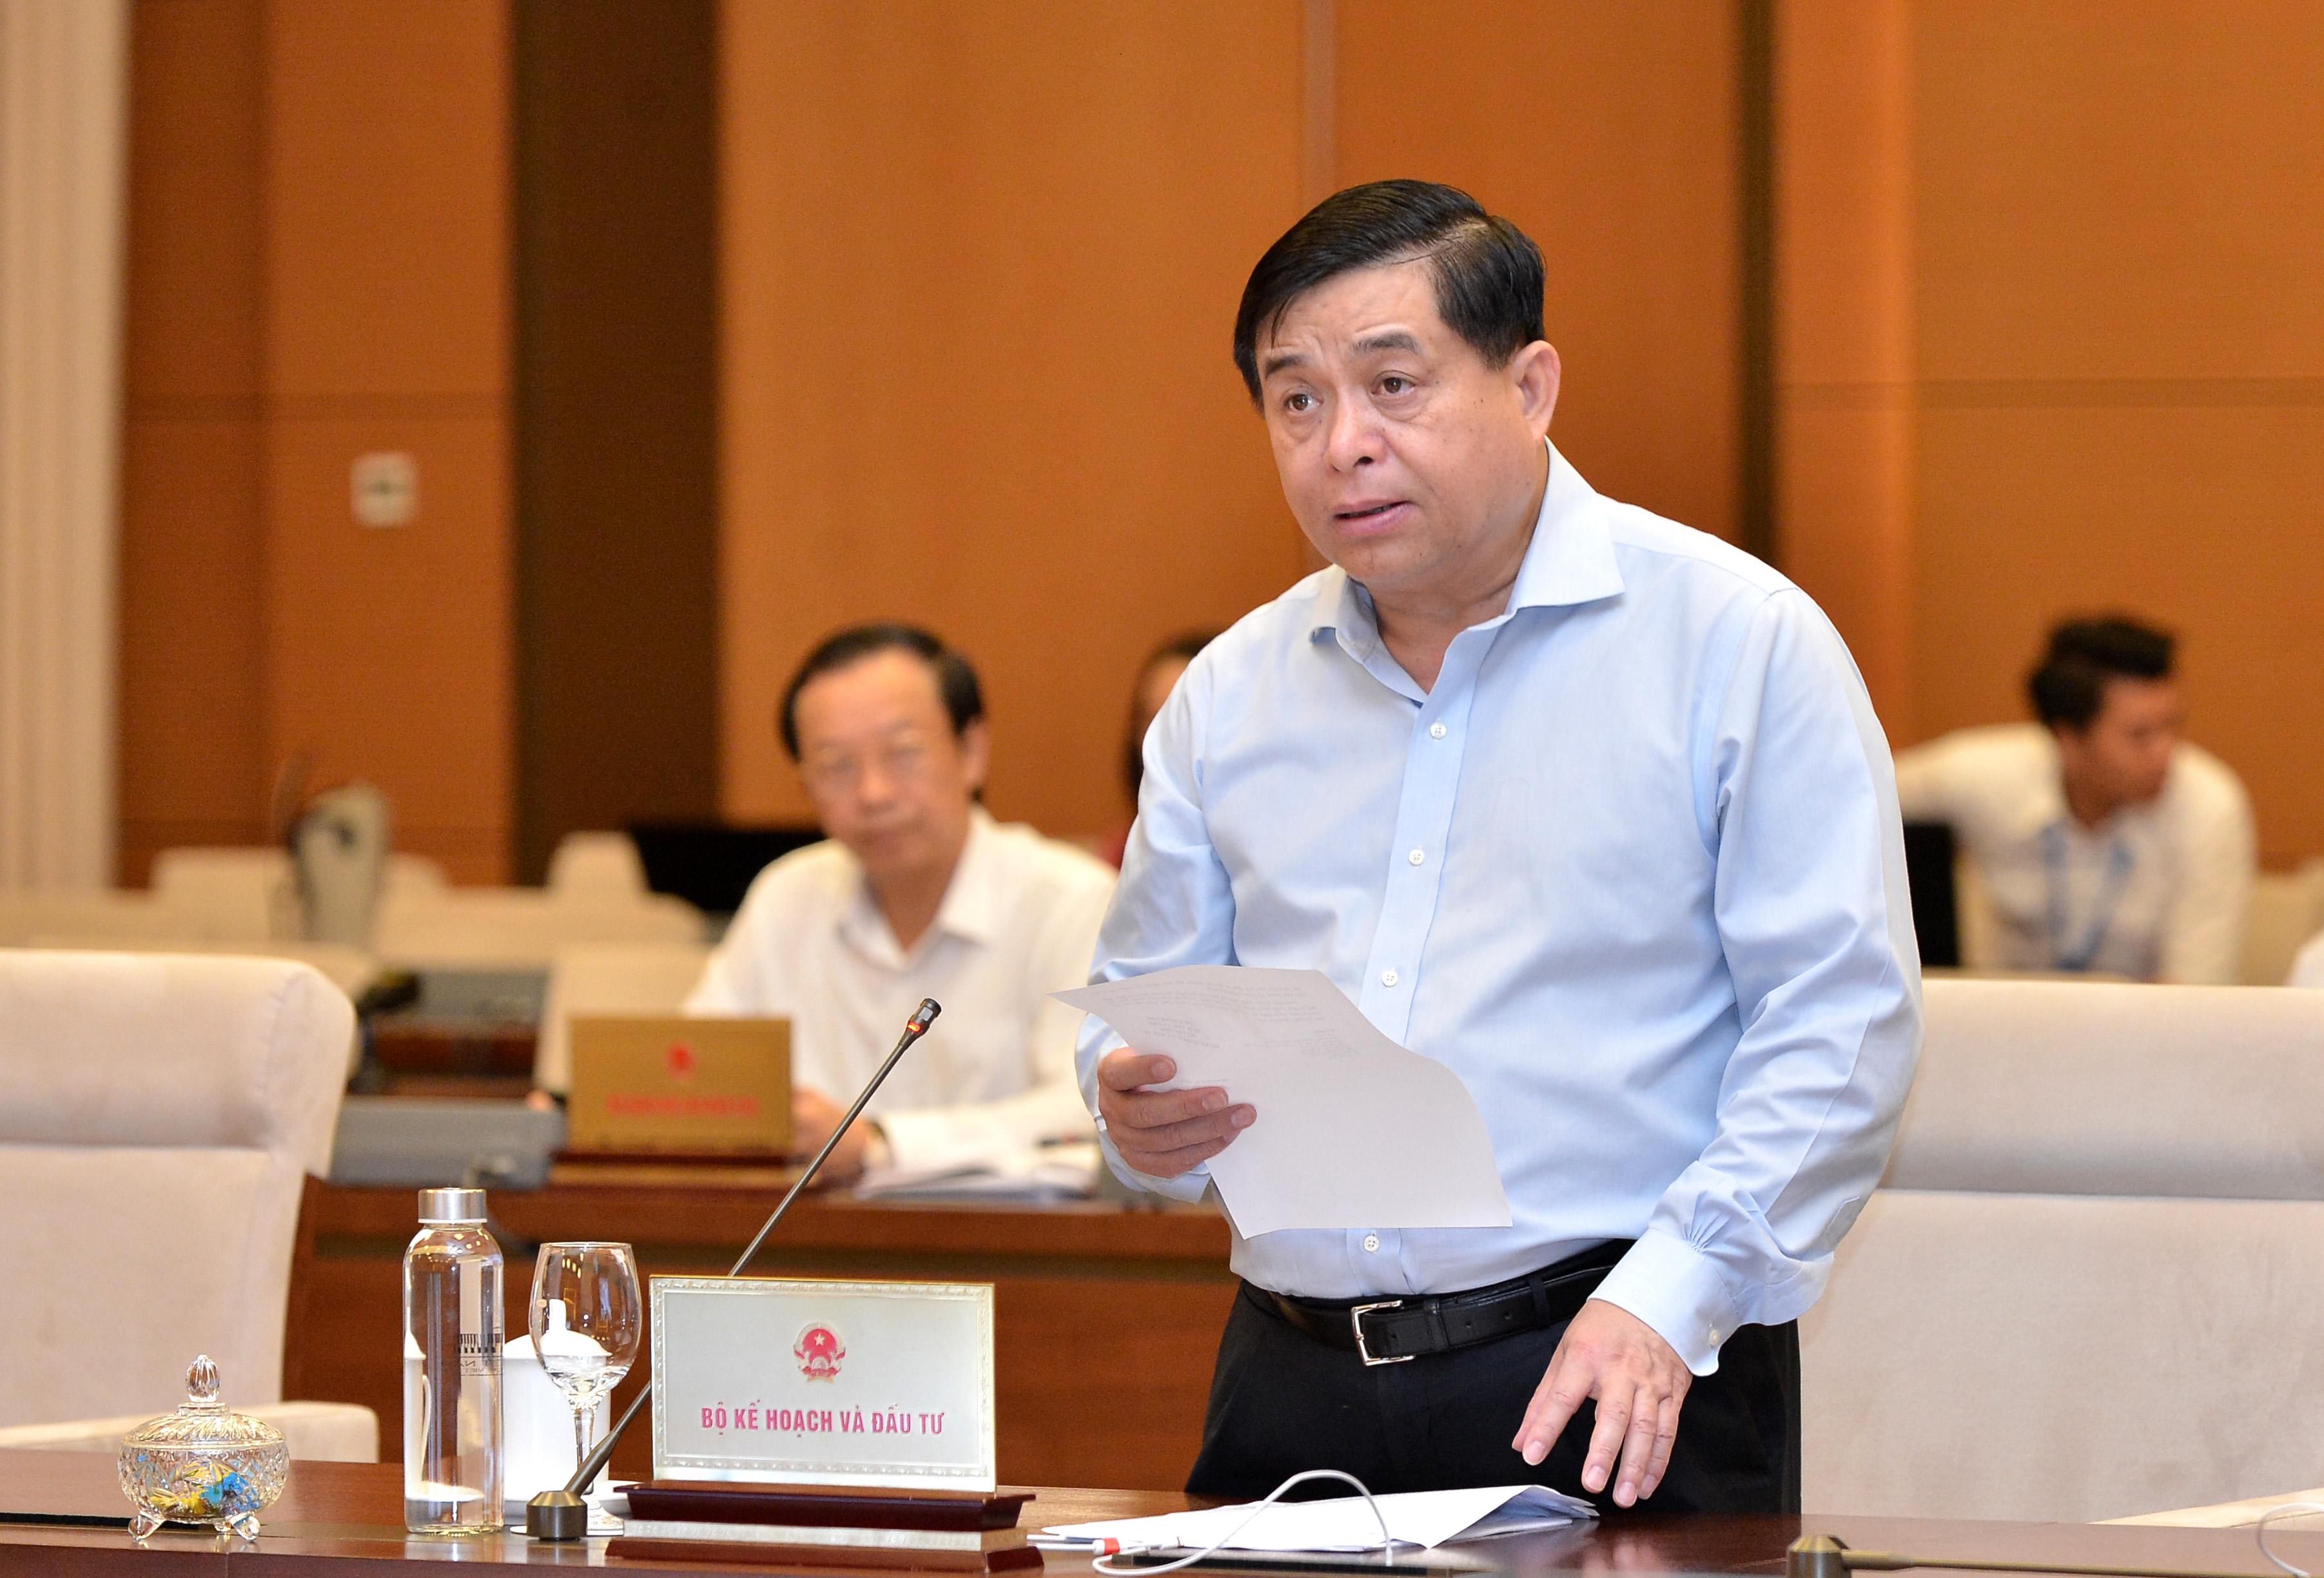 Chính phủ dự kiến 2 kịch bản tăng trưởng kinh tế